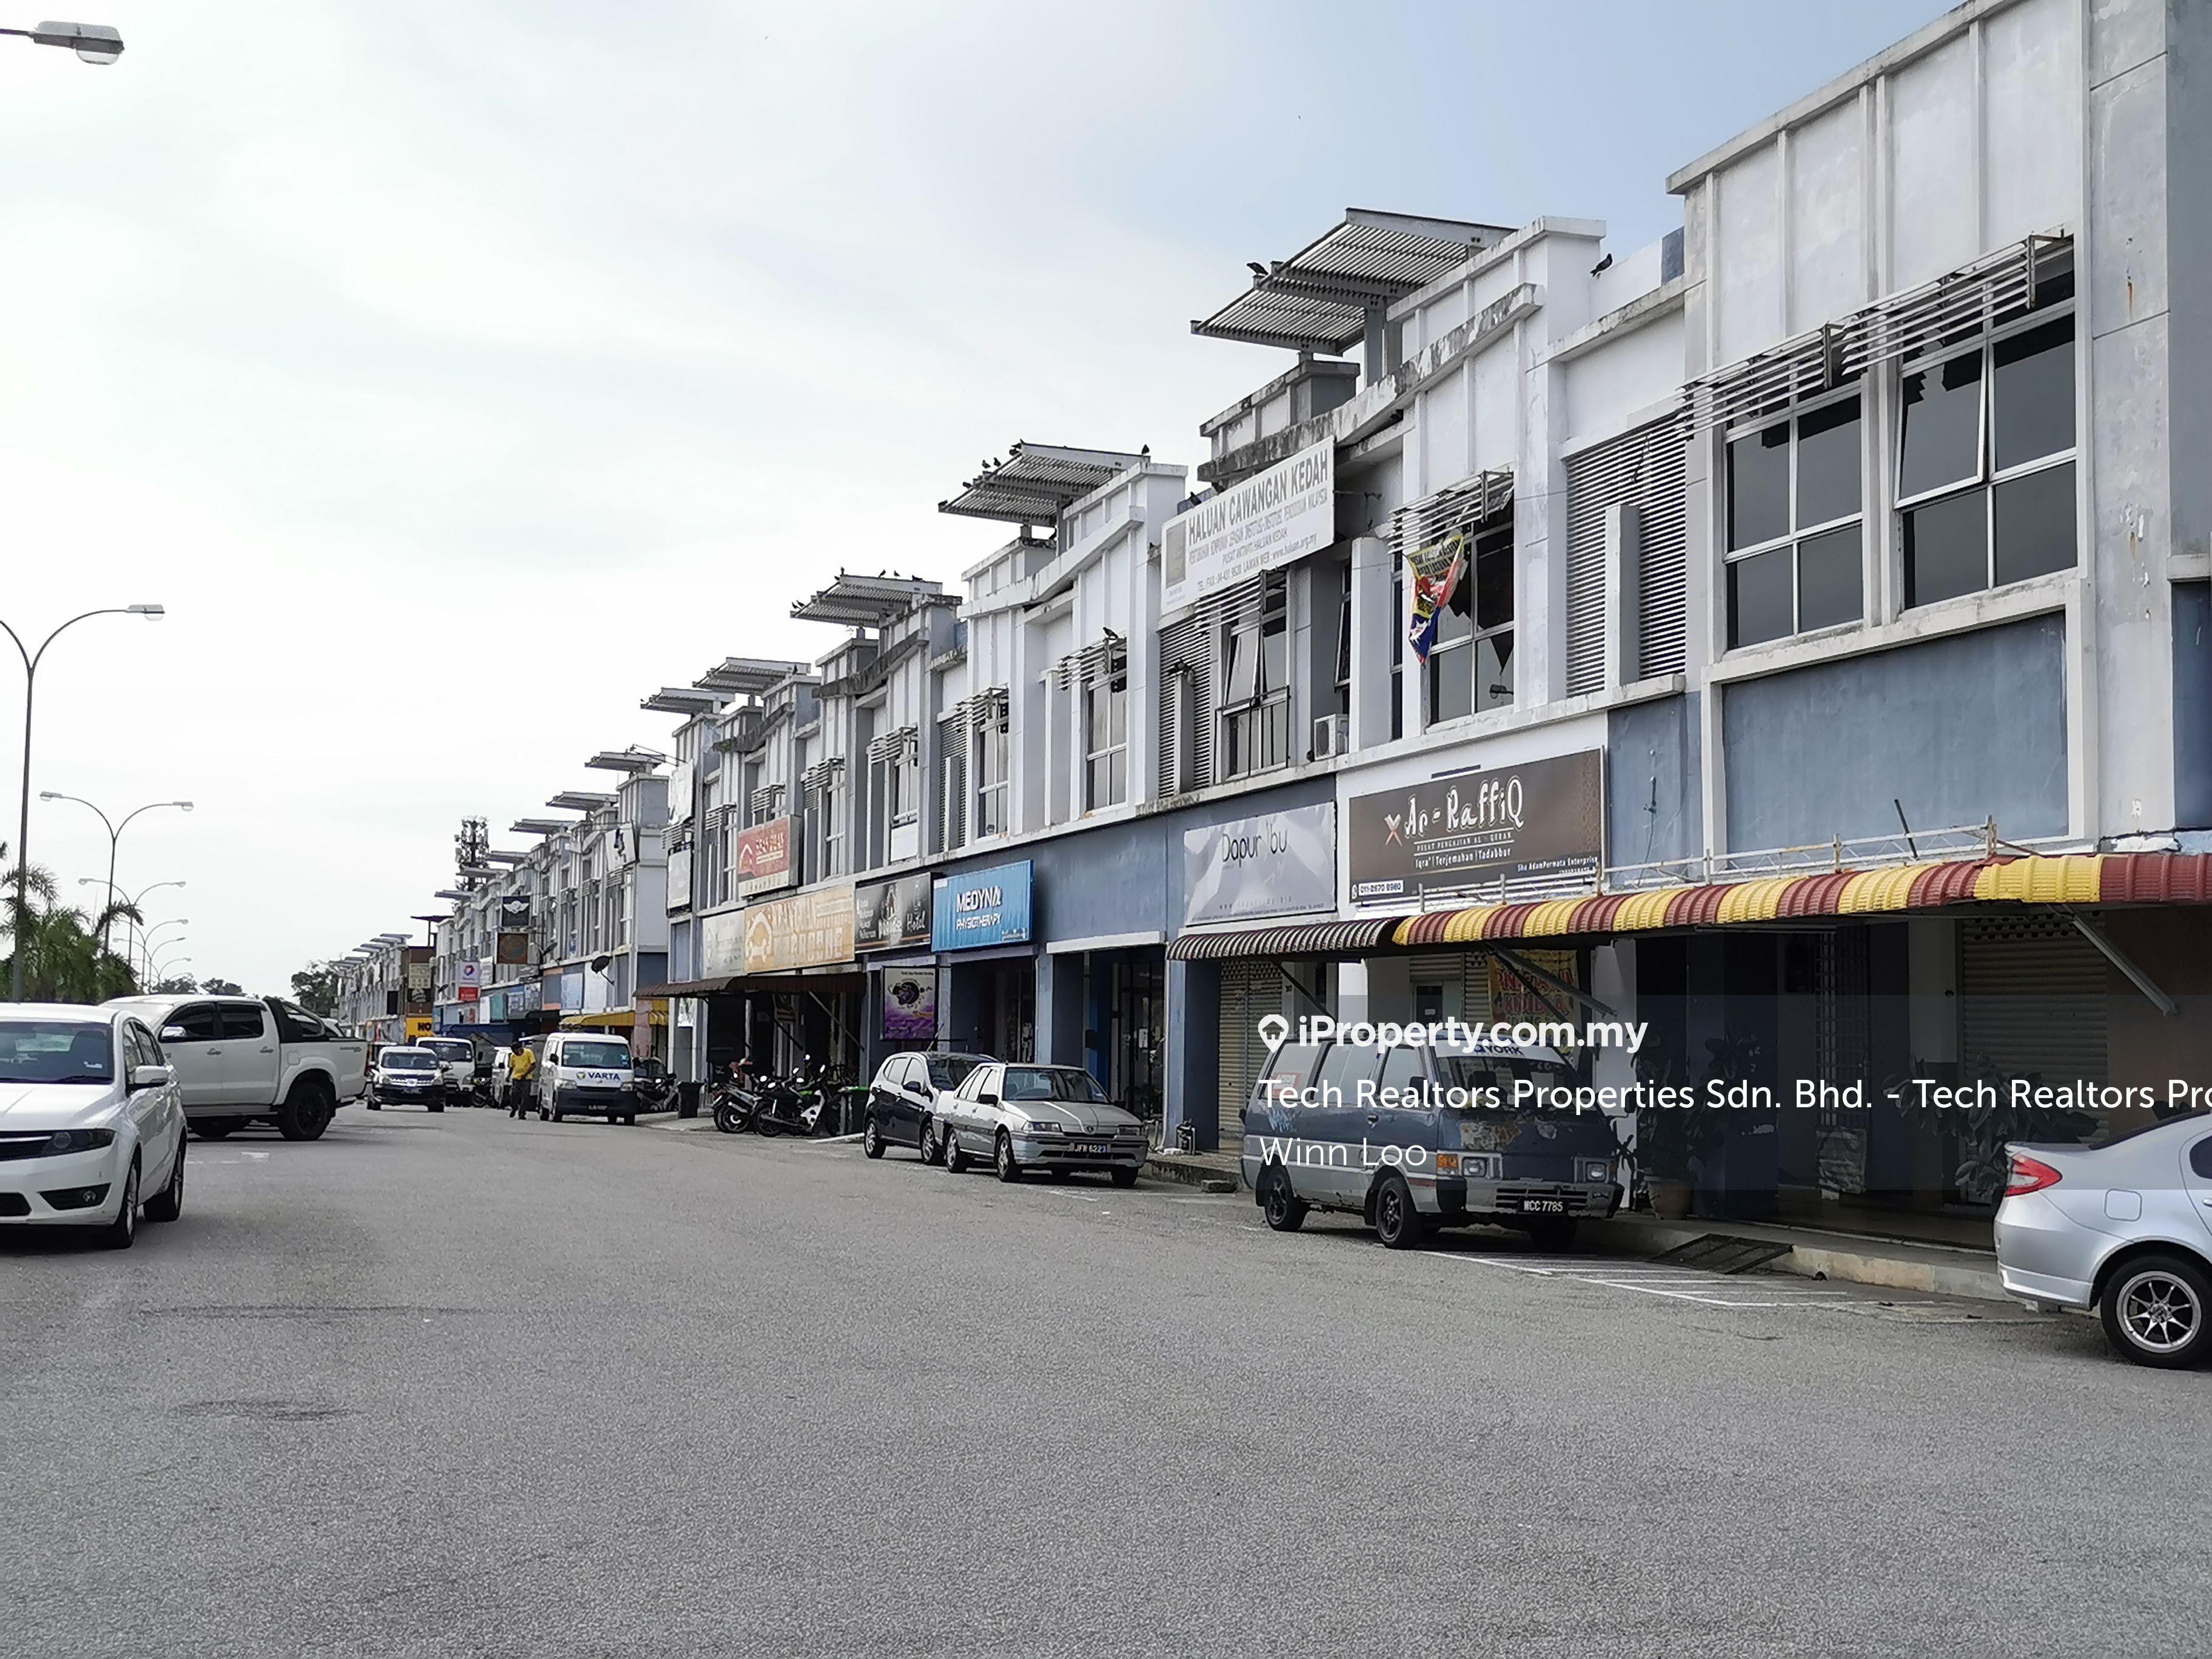 Bandar Laguna Merbok, Bandar Laguna Merbok, Sungai Petani